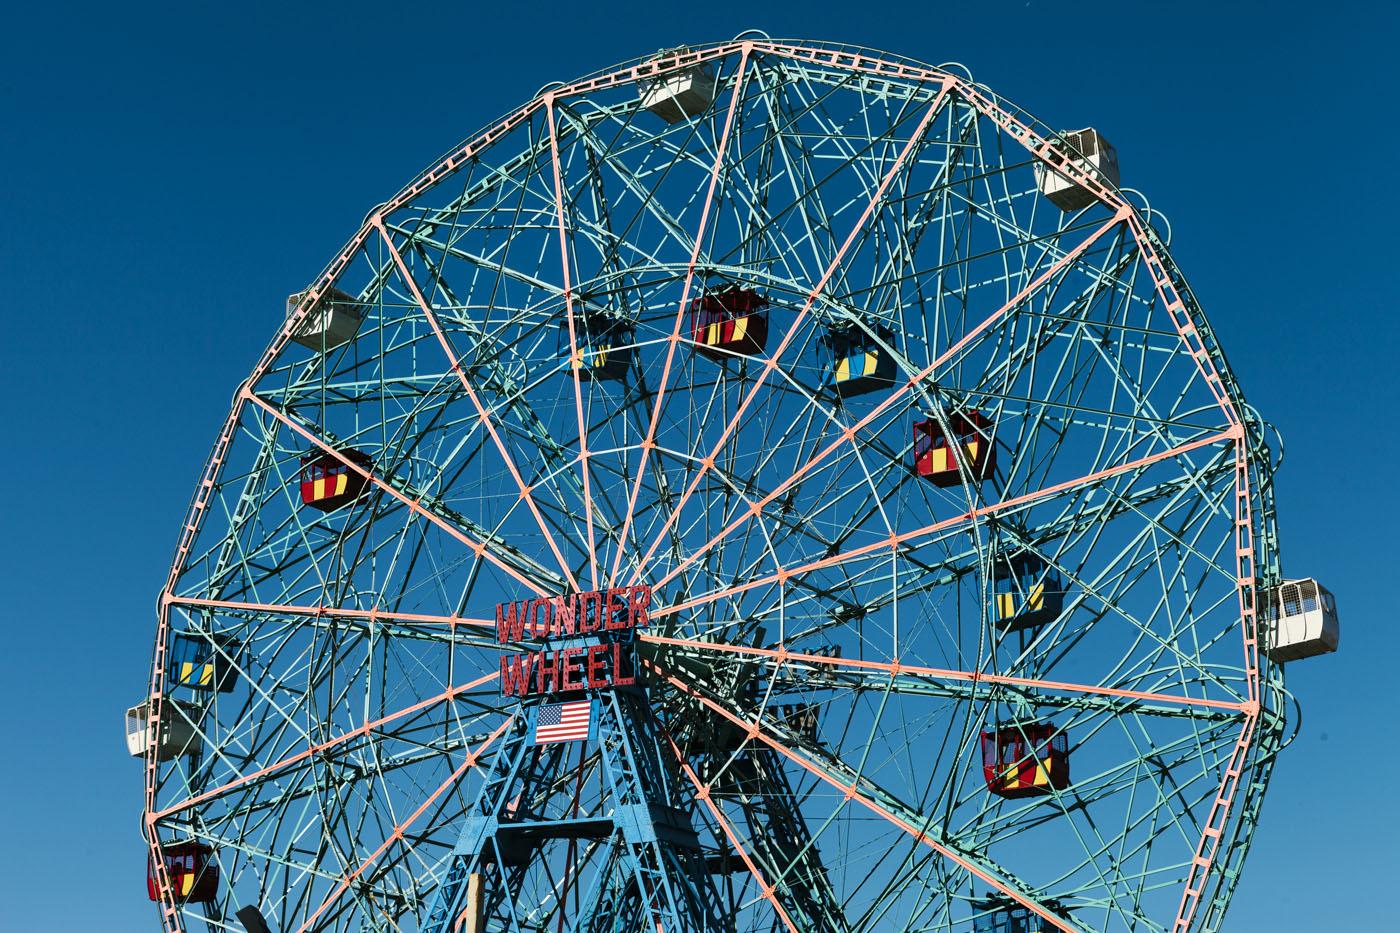 Coney Island Adam van Noort Artures Fotografie Online Galerie